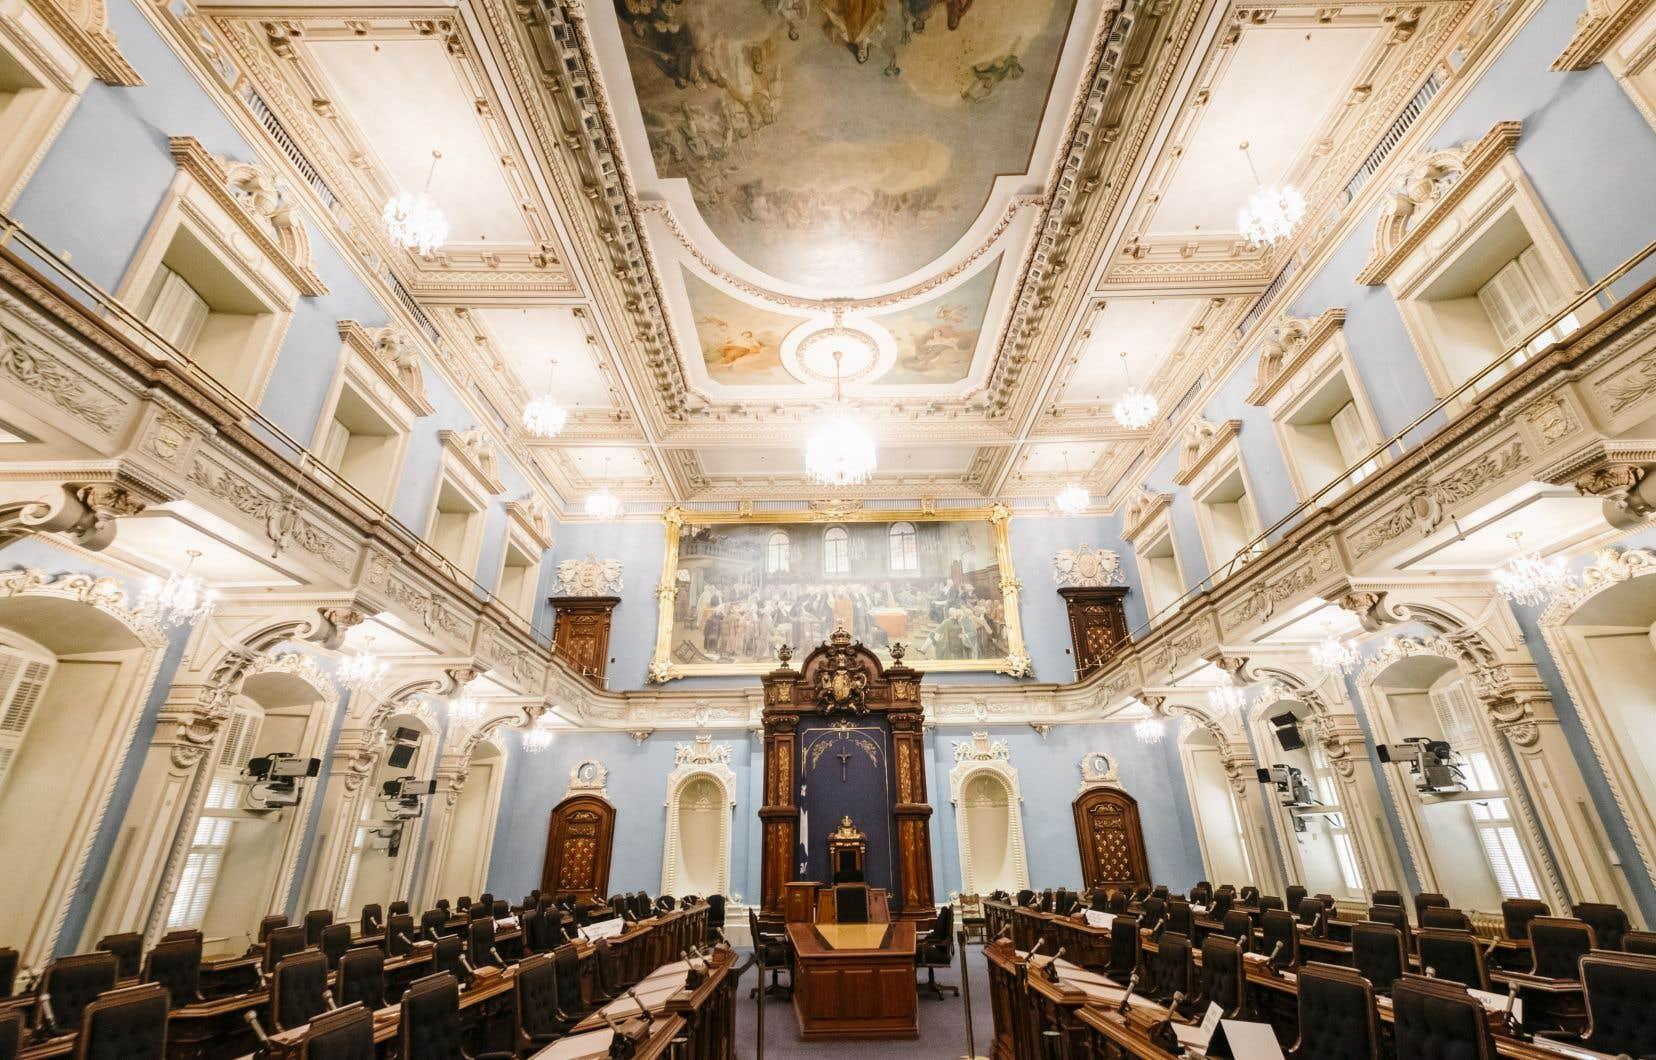 En octobre dernier, les électeurs ont permis au Québec de rattraper son retard en matière de parité en envoyant 42,2% de femmes sur les bancs de l'Assemblée nationale, contre au plus 30% par le passé.